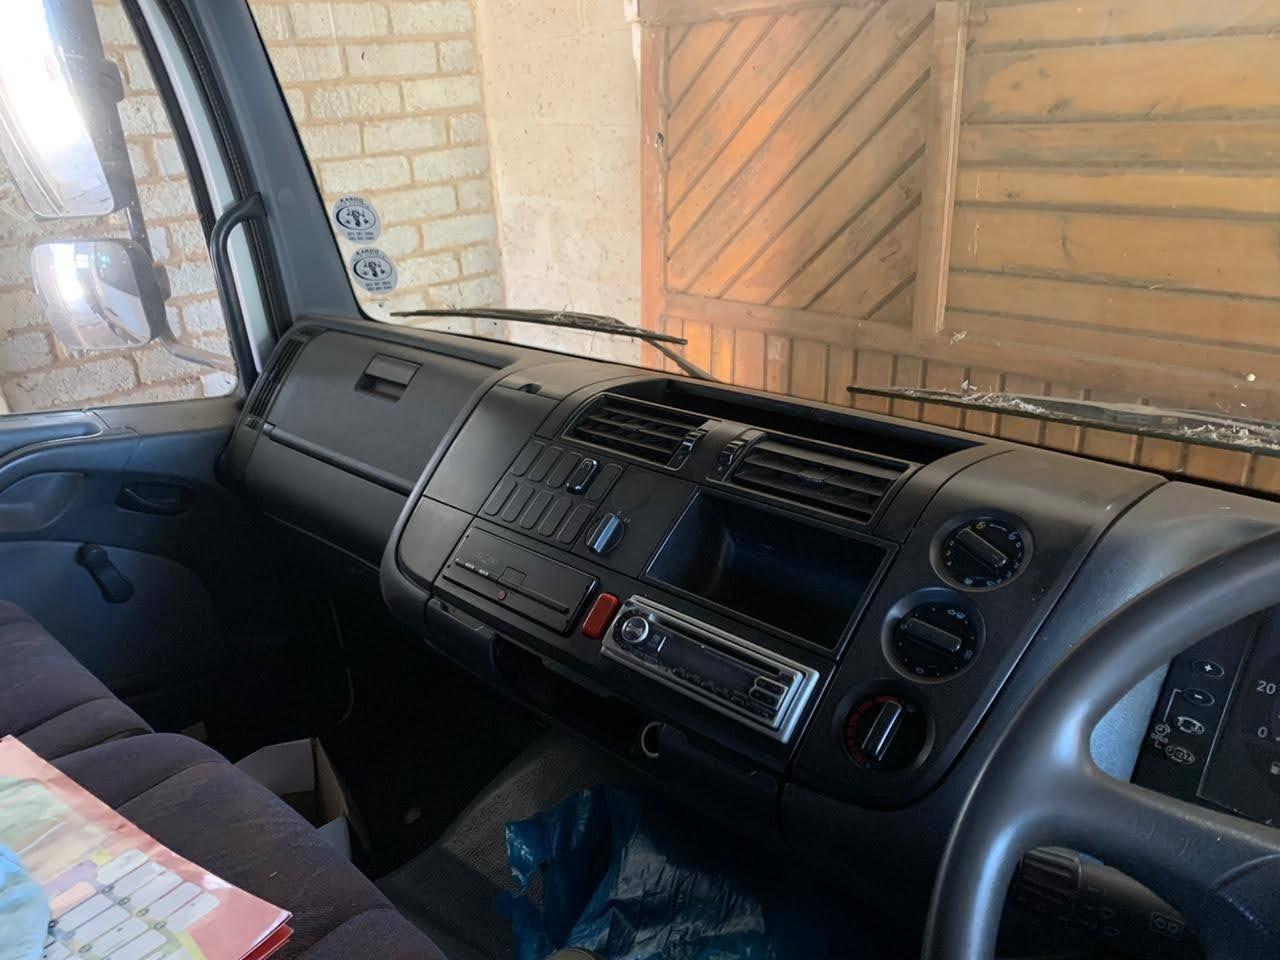 2005 Mercedes Benz 1528 Ateco Met 8m Bak